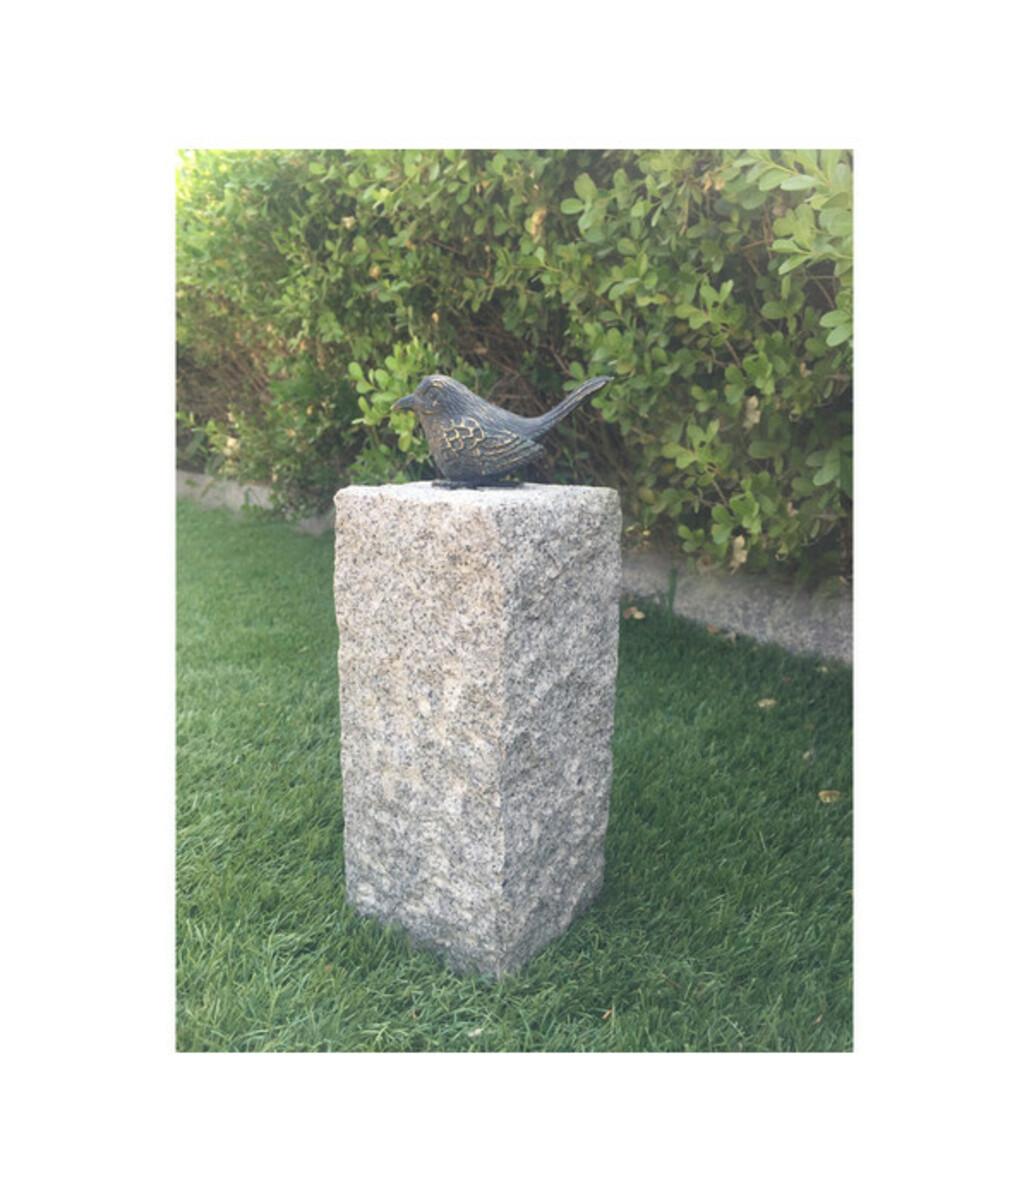 Bild 2 von Dehner Granit-Säule mit Bronze-Vogel, 12 x 12 x 35 cm